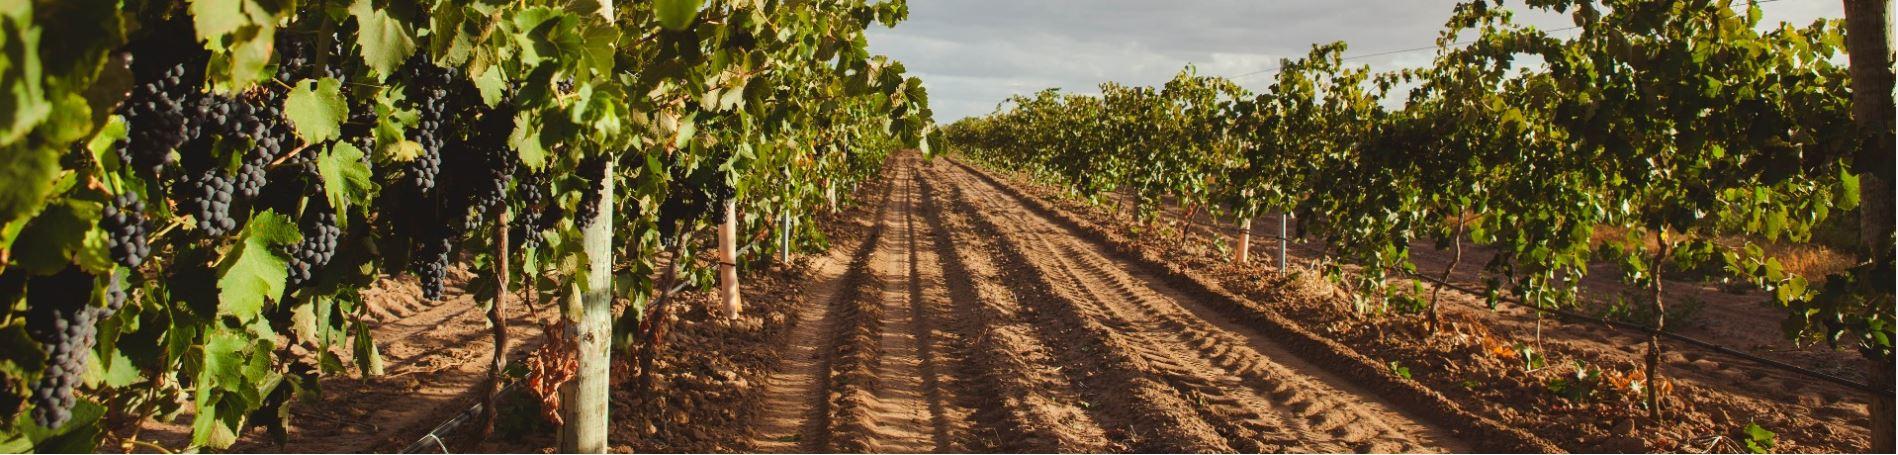 Nejlepší světové Syrahy pocházejí z australského Barossa Valley